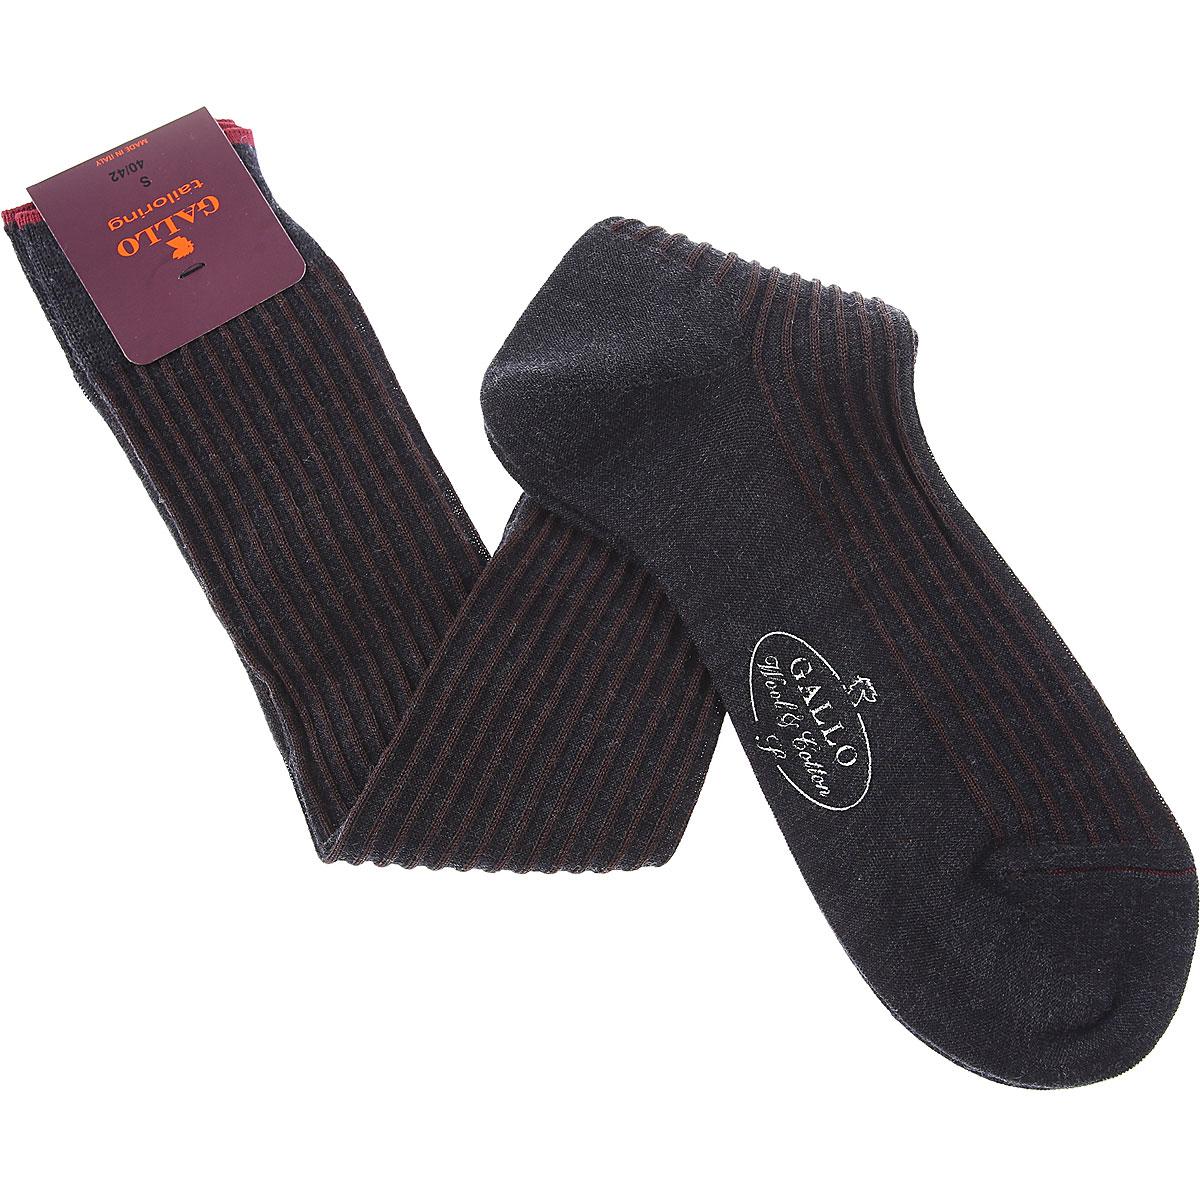 Gallo Socks Mens Underwear, Brown, Wool, 2019, S L